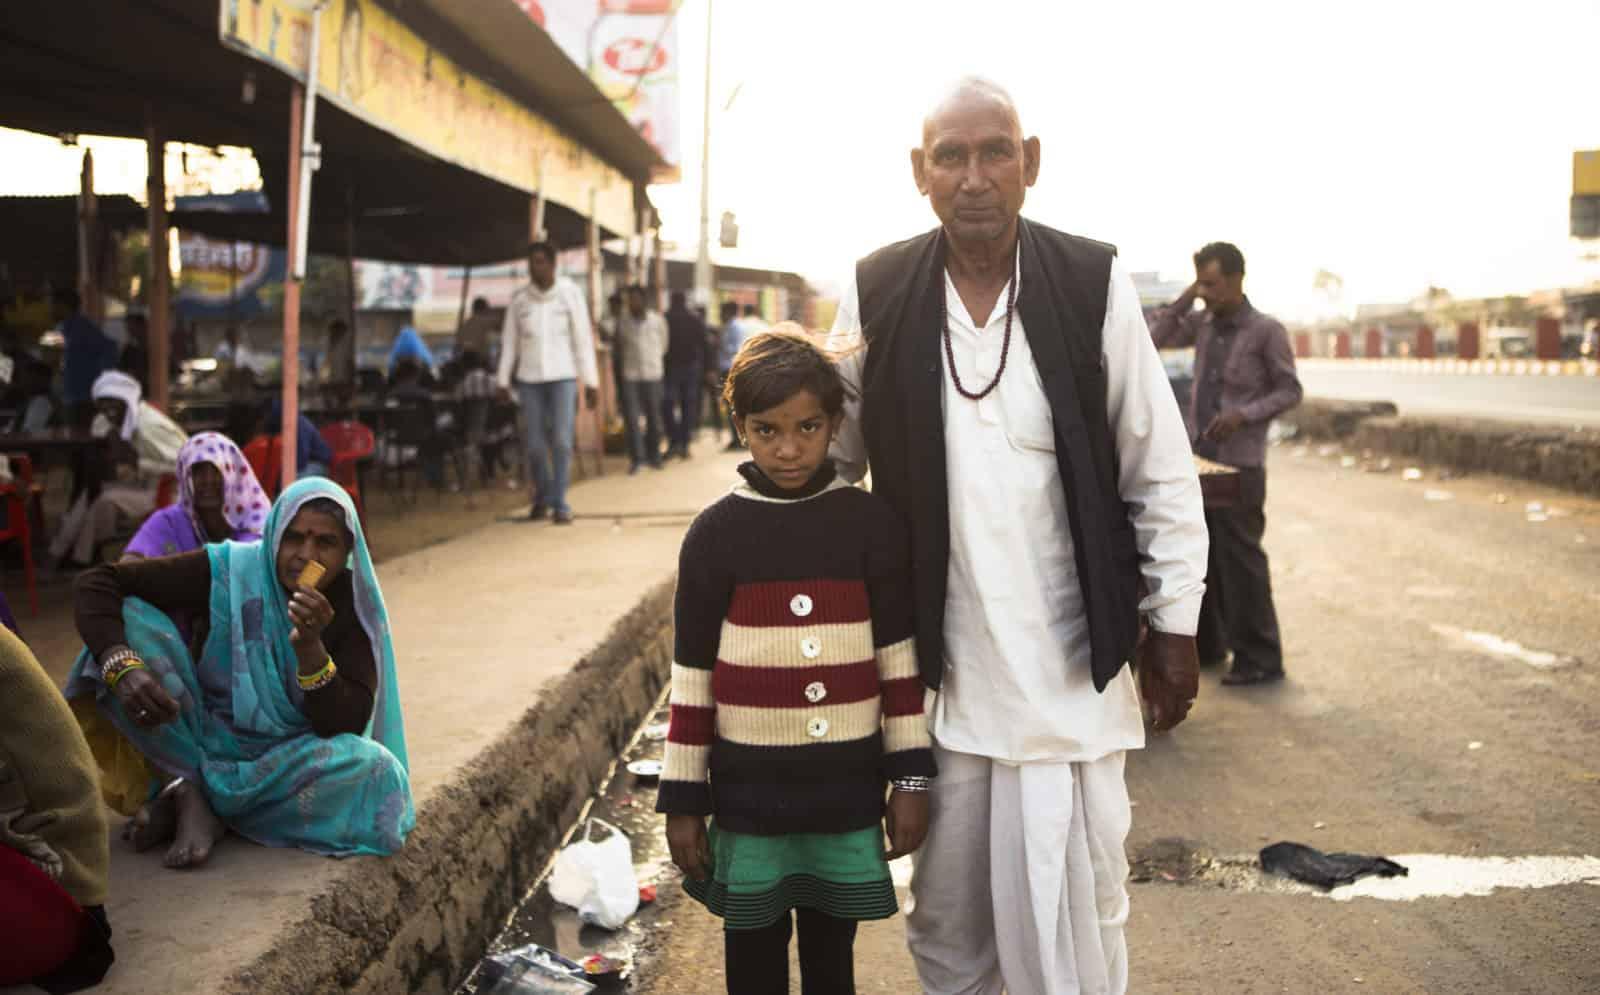 Otec si chcel odfotit svoju dceru, India, patrikpaulinyi.jpg